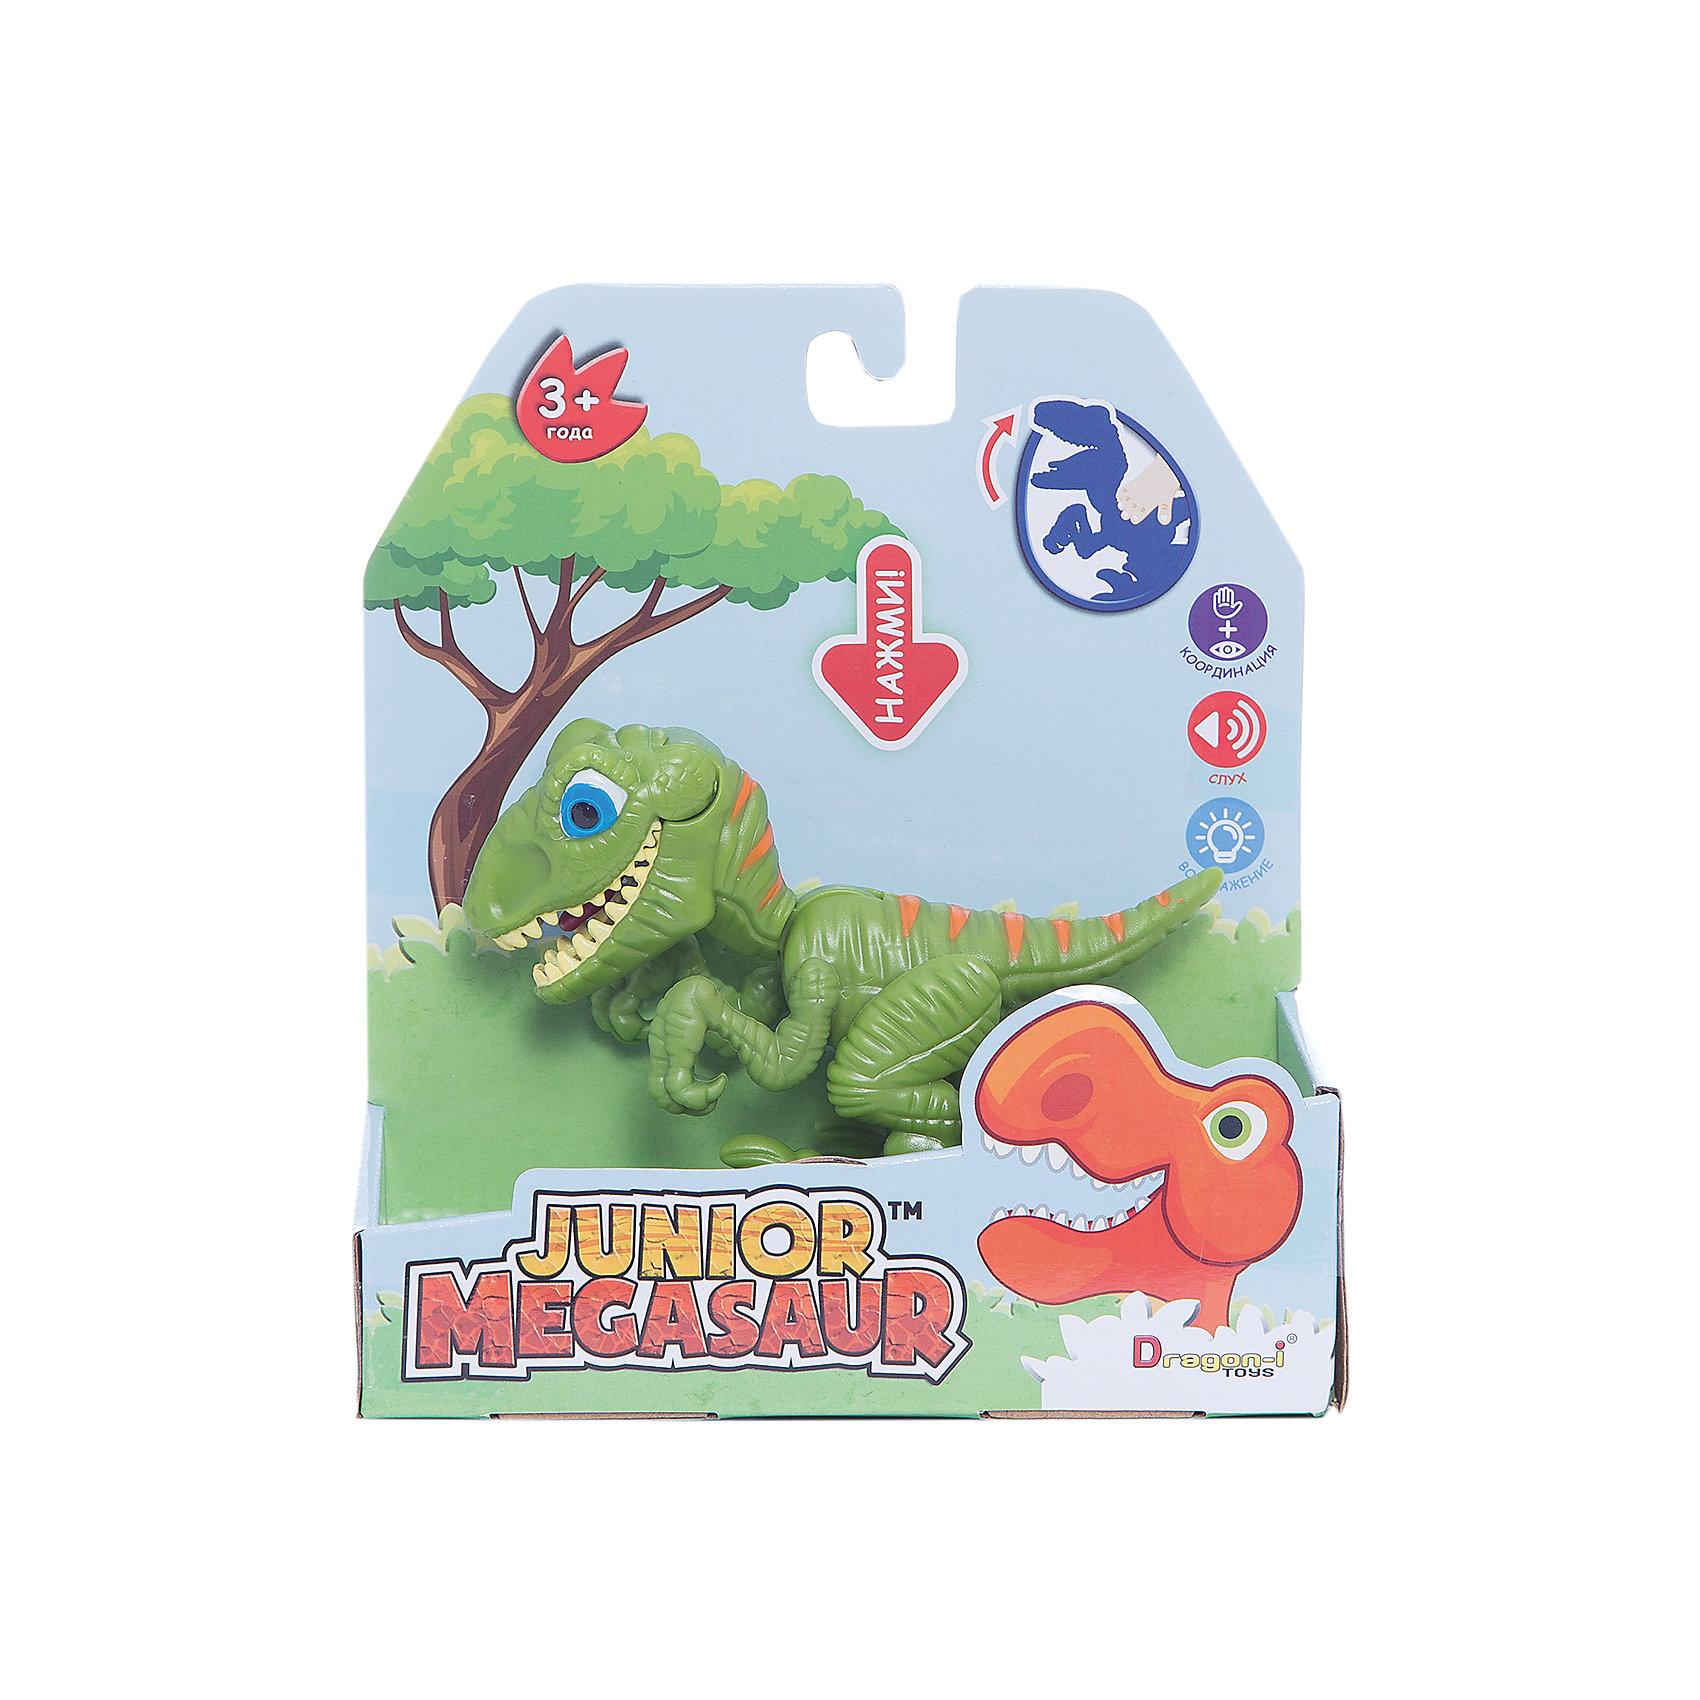 Игрушка Динозавр, открывает пасть, зеленый, Junior MegasaurДраконы и динозавры<br>Характеристики товара:<br><br>• возраст: от 3 лет;<br>• материал: пластик;<br>• размер упаковки: 17х6 х19 см;<br>• вес упаковки: 115 гр.;<br>•высота фигурки: 10 см;<br>•упаковка: коробка открытого типа;<br>•страна обладатель бренда: США. <br><br>Яркая игрушка поможет познакомить ребенка с миром динозавров, рассказать ему о том, чем они питались и какие имели повадки.  Открывающий пасть динозаврик отличный подарком для юного палеонтолога. <br><br>Дизайн игрушки отличается преувеличенно яркими оттенками, благодаря чему этот опасный хищник не сможет напугать кроху. Фигурка имеет подвижные лапы, благодаря чему ей можно придавать различные эффектные позы. Если нажать на спину динозаврика, то он запрокинет голову, откроет пасть и захлопнет ее, щелкнув зубами. <br><br>Выполненная из высококачественного пластика фигурка окрашена с использованием нетоксичных красок, благодаря чему абсолютно безопасна для детей. <br><br>Игрушку Динозавр Junior Megasaur, оранжевый можно приобрести в нашем интернет-магазине.<br><br>Ширина мм: 170<br>Глубина мм: 60<br>Высота мм: 190<br>Вес г: 151<br>Возраст от месяцев: 36<br>Возраст до месяцев: 2147483647<br>Пол: Мужской<br>Возраст: Детский<br>SKU: 6916222